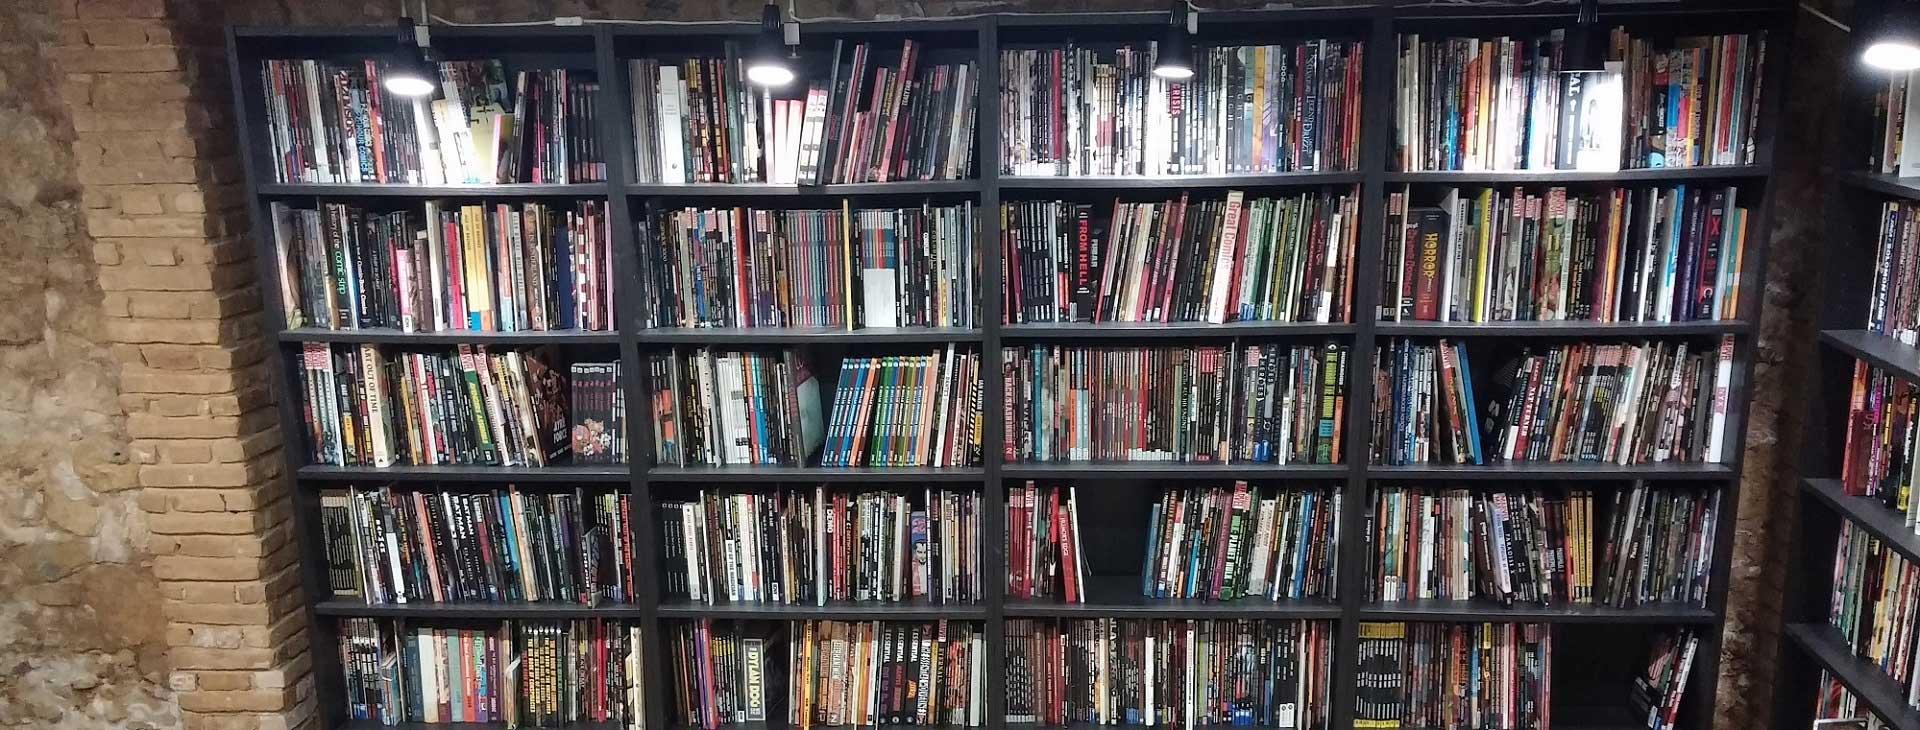 Ένας Χρόνος Athens Comics Library